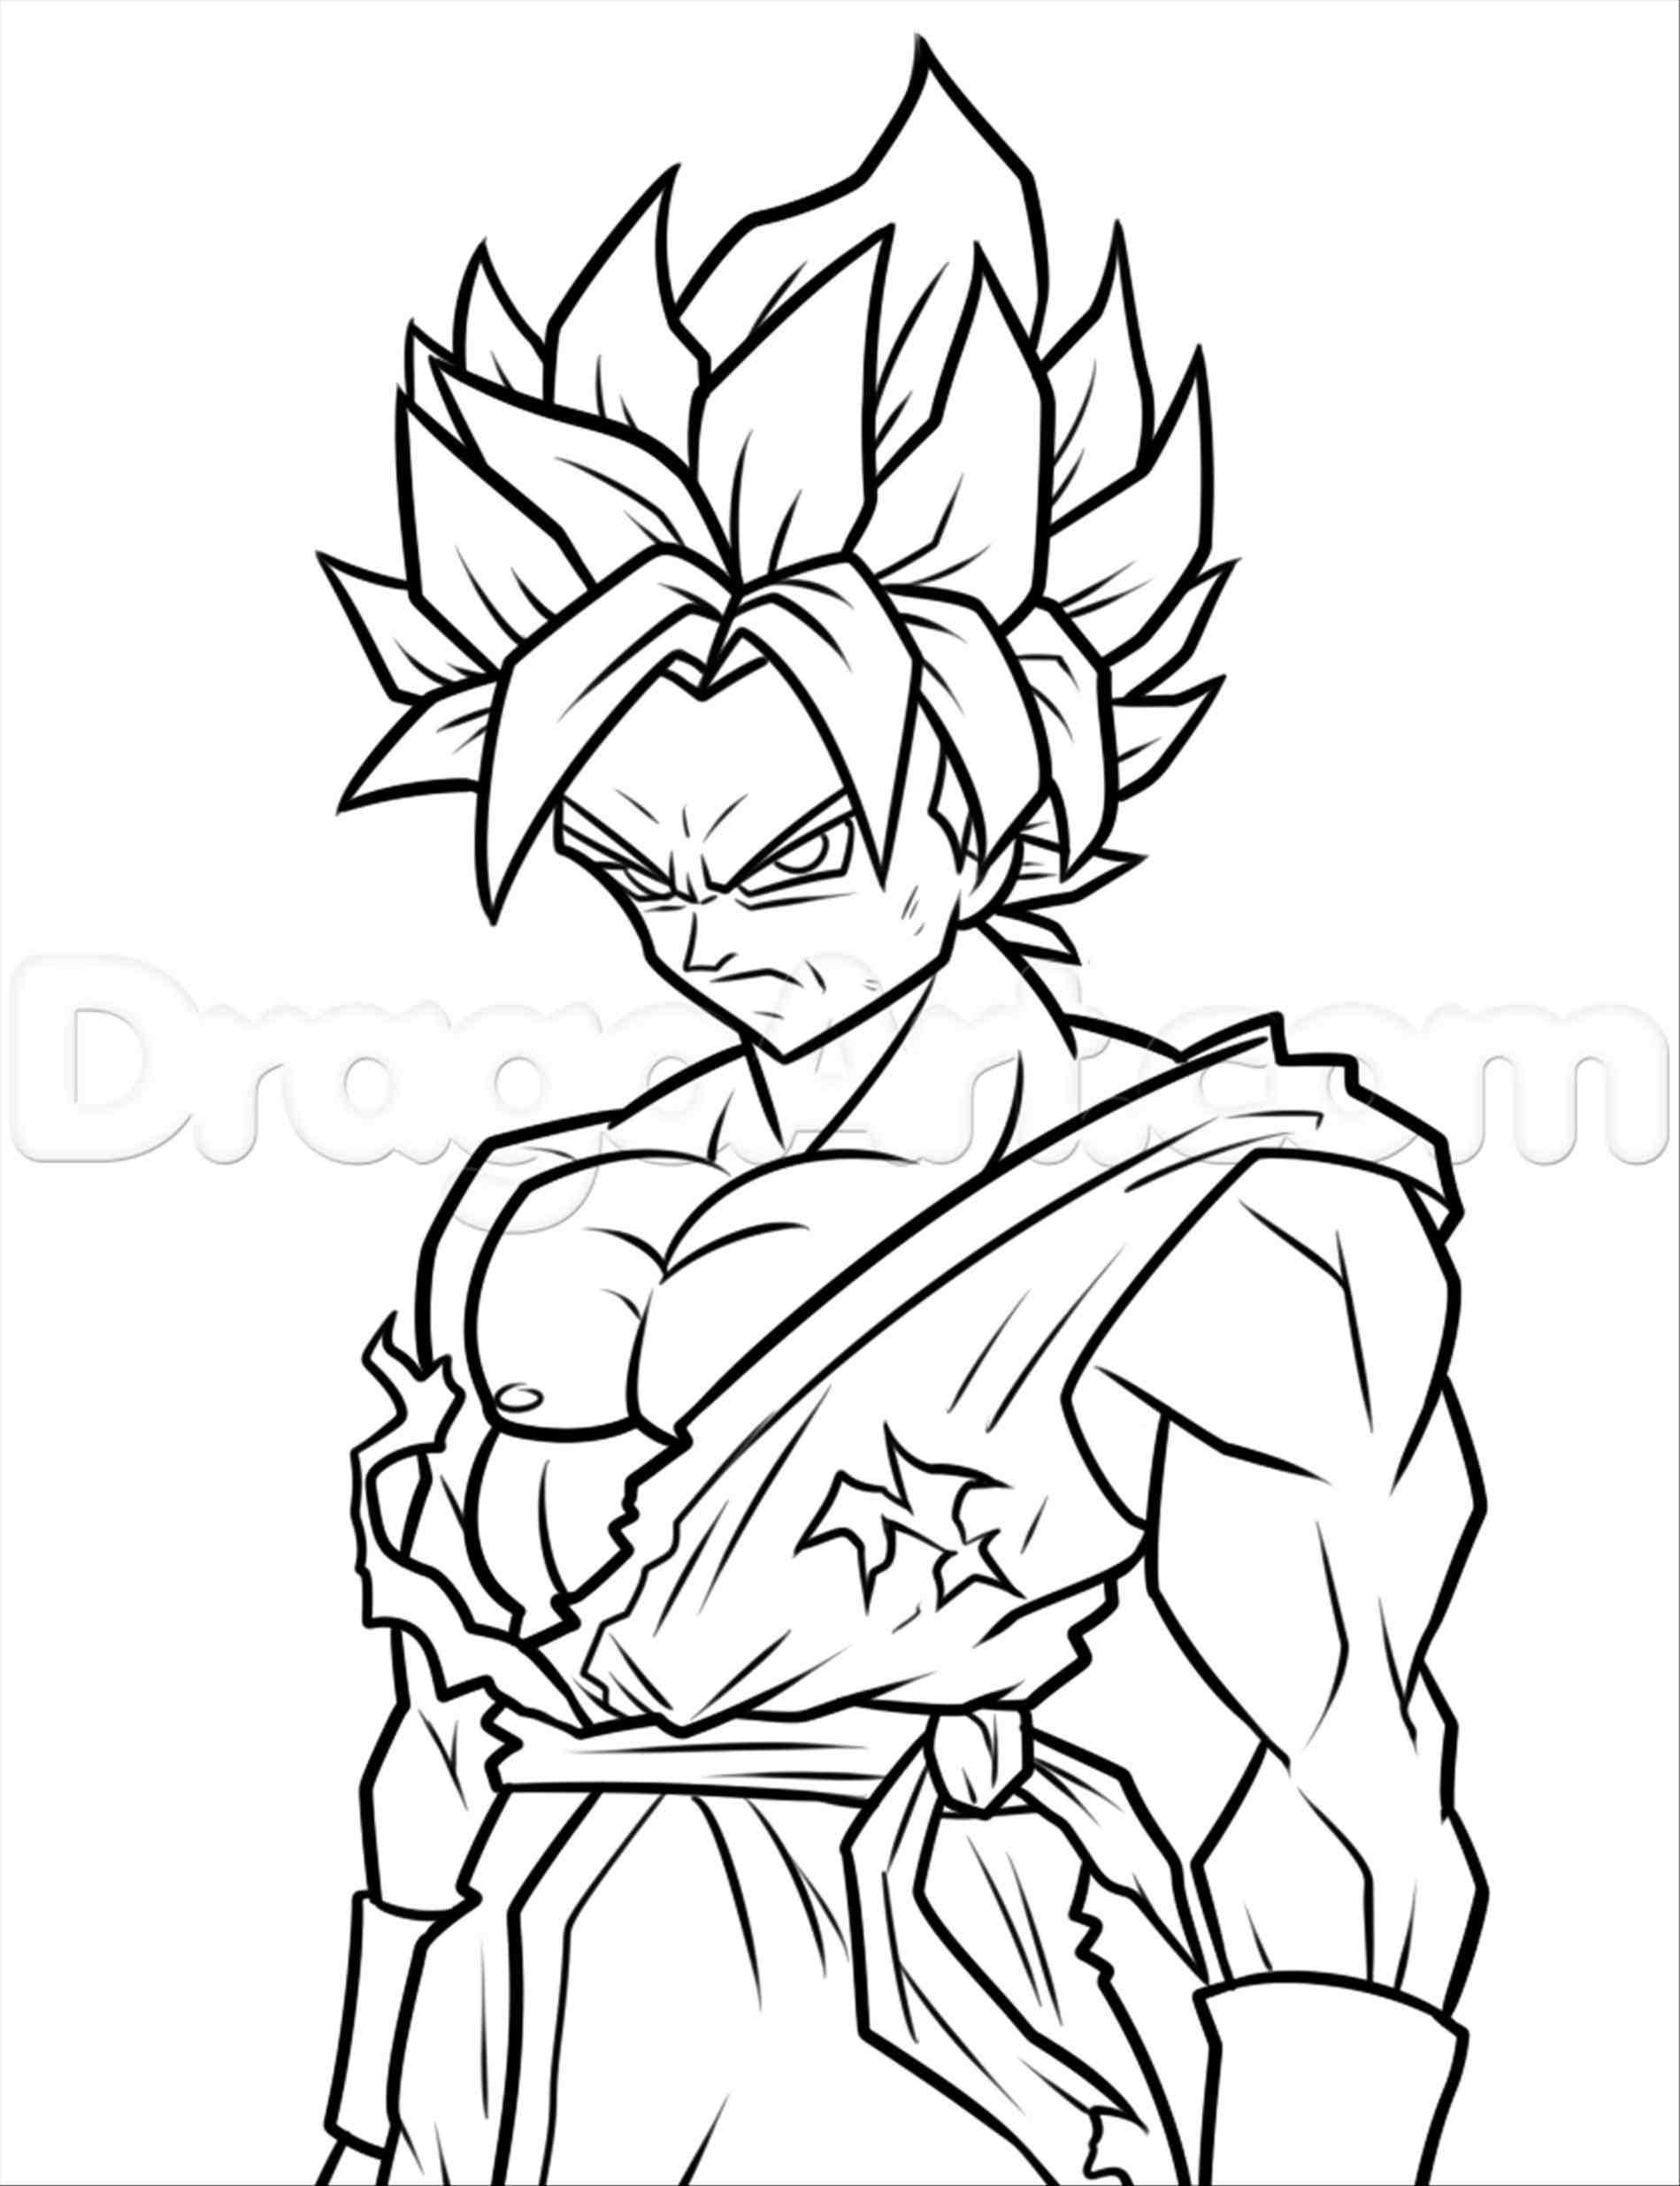 1899x2471 Step By Dragon Ssgss U God Youtube Drawing Goku Super Saiyan God